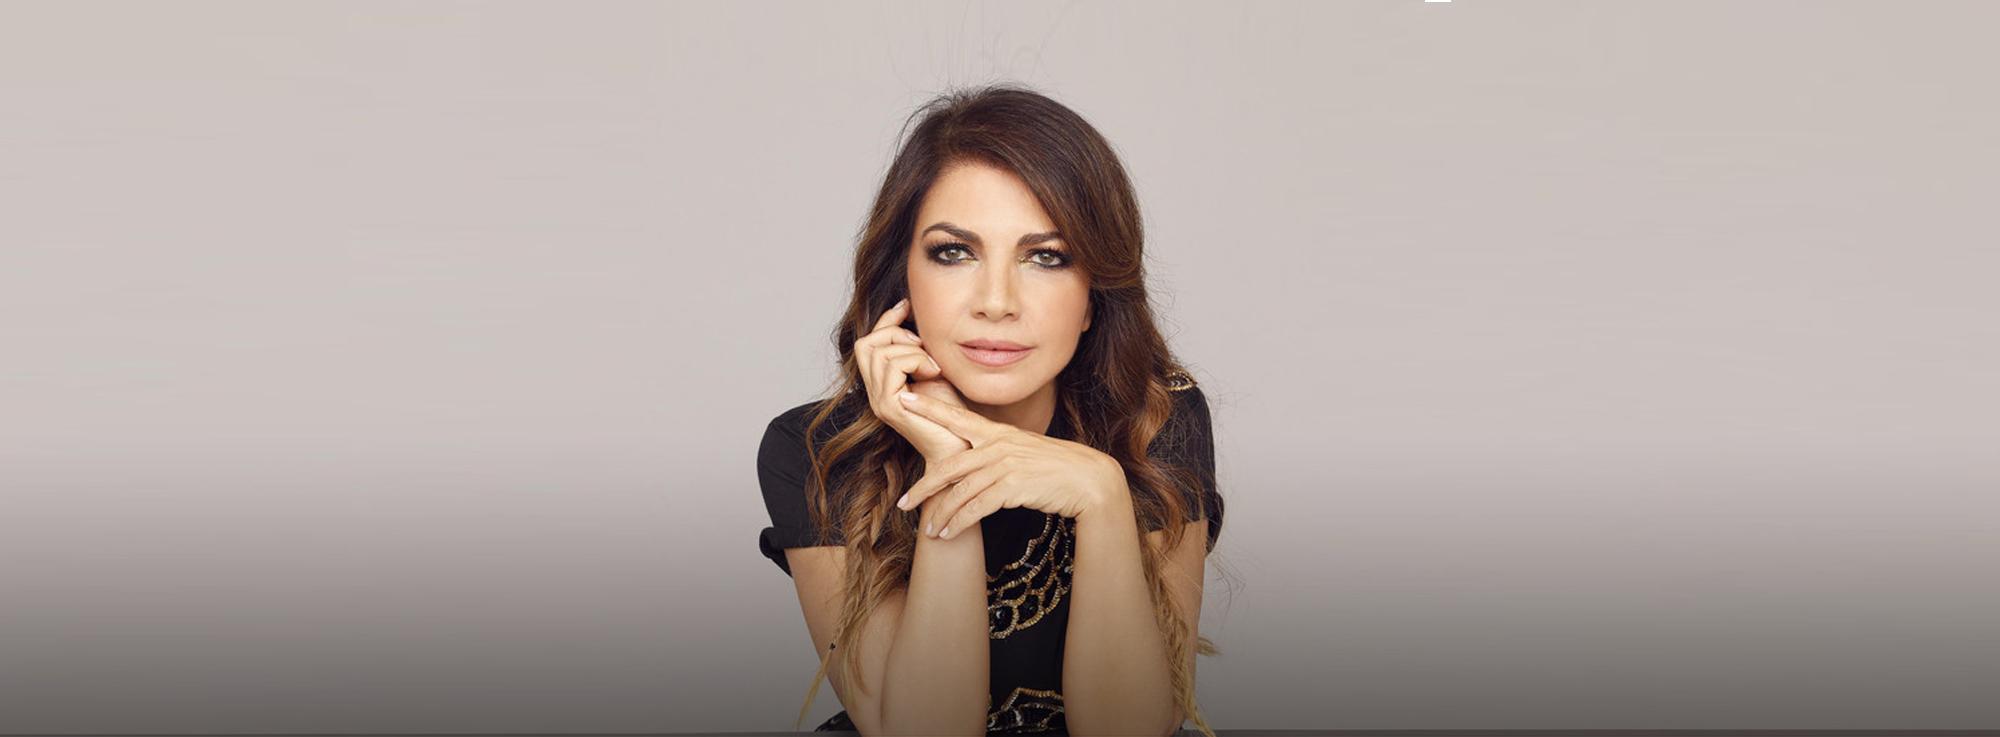 Ceglie Messapica: Cristina D'Avena in concerto